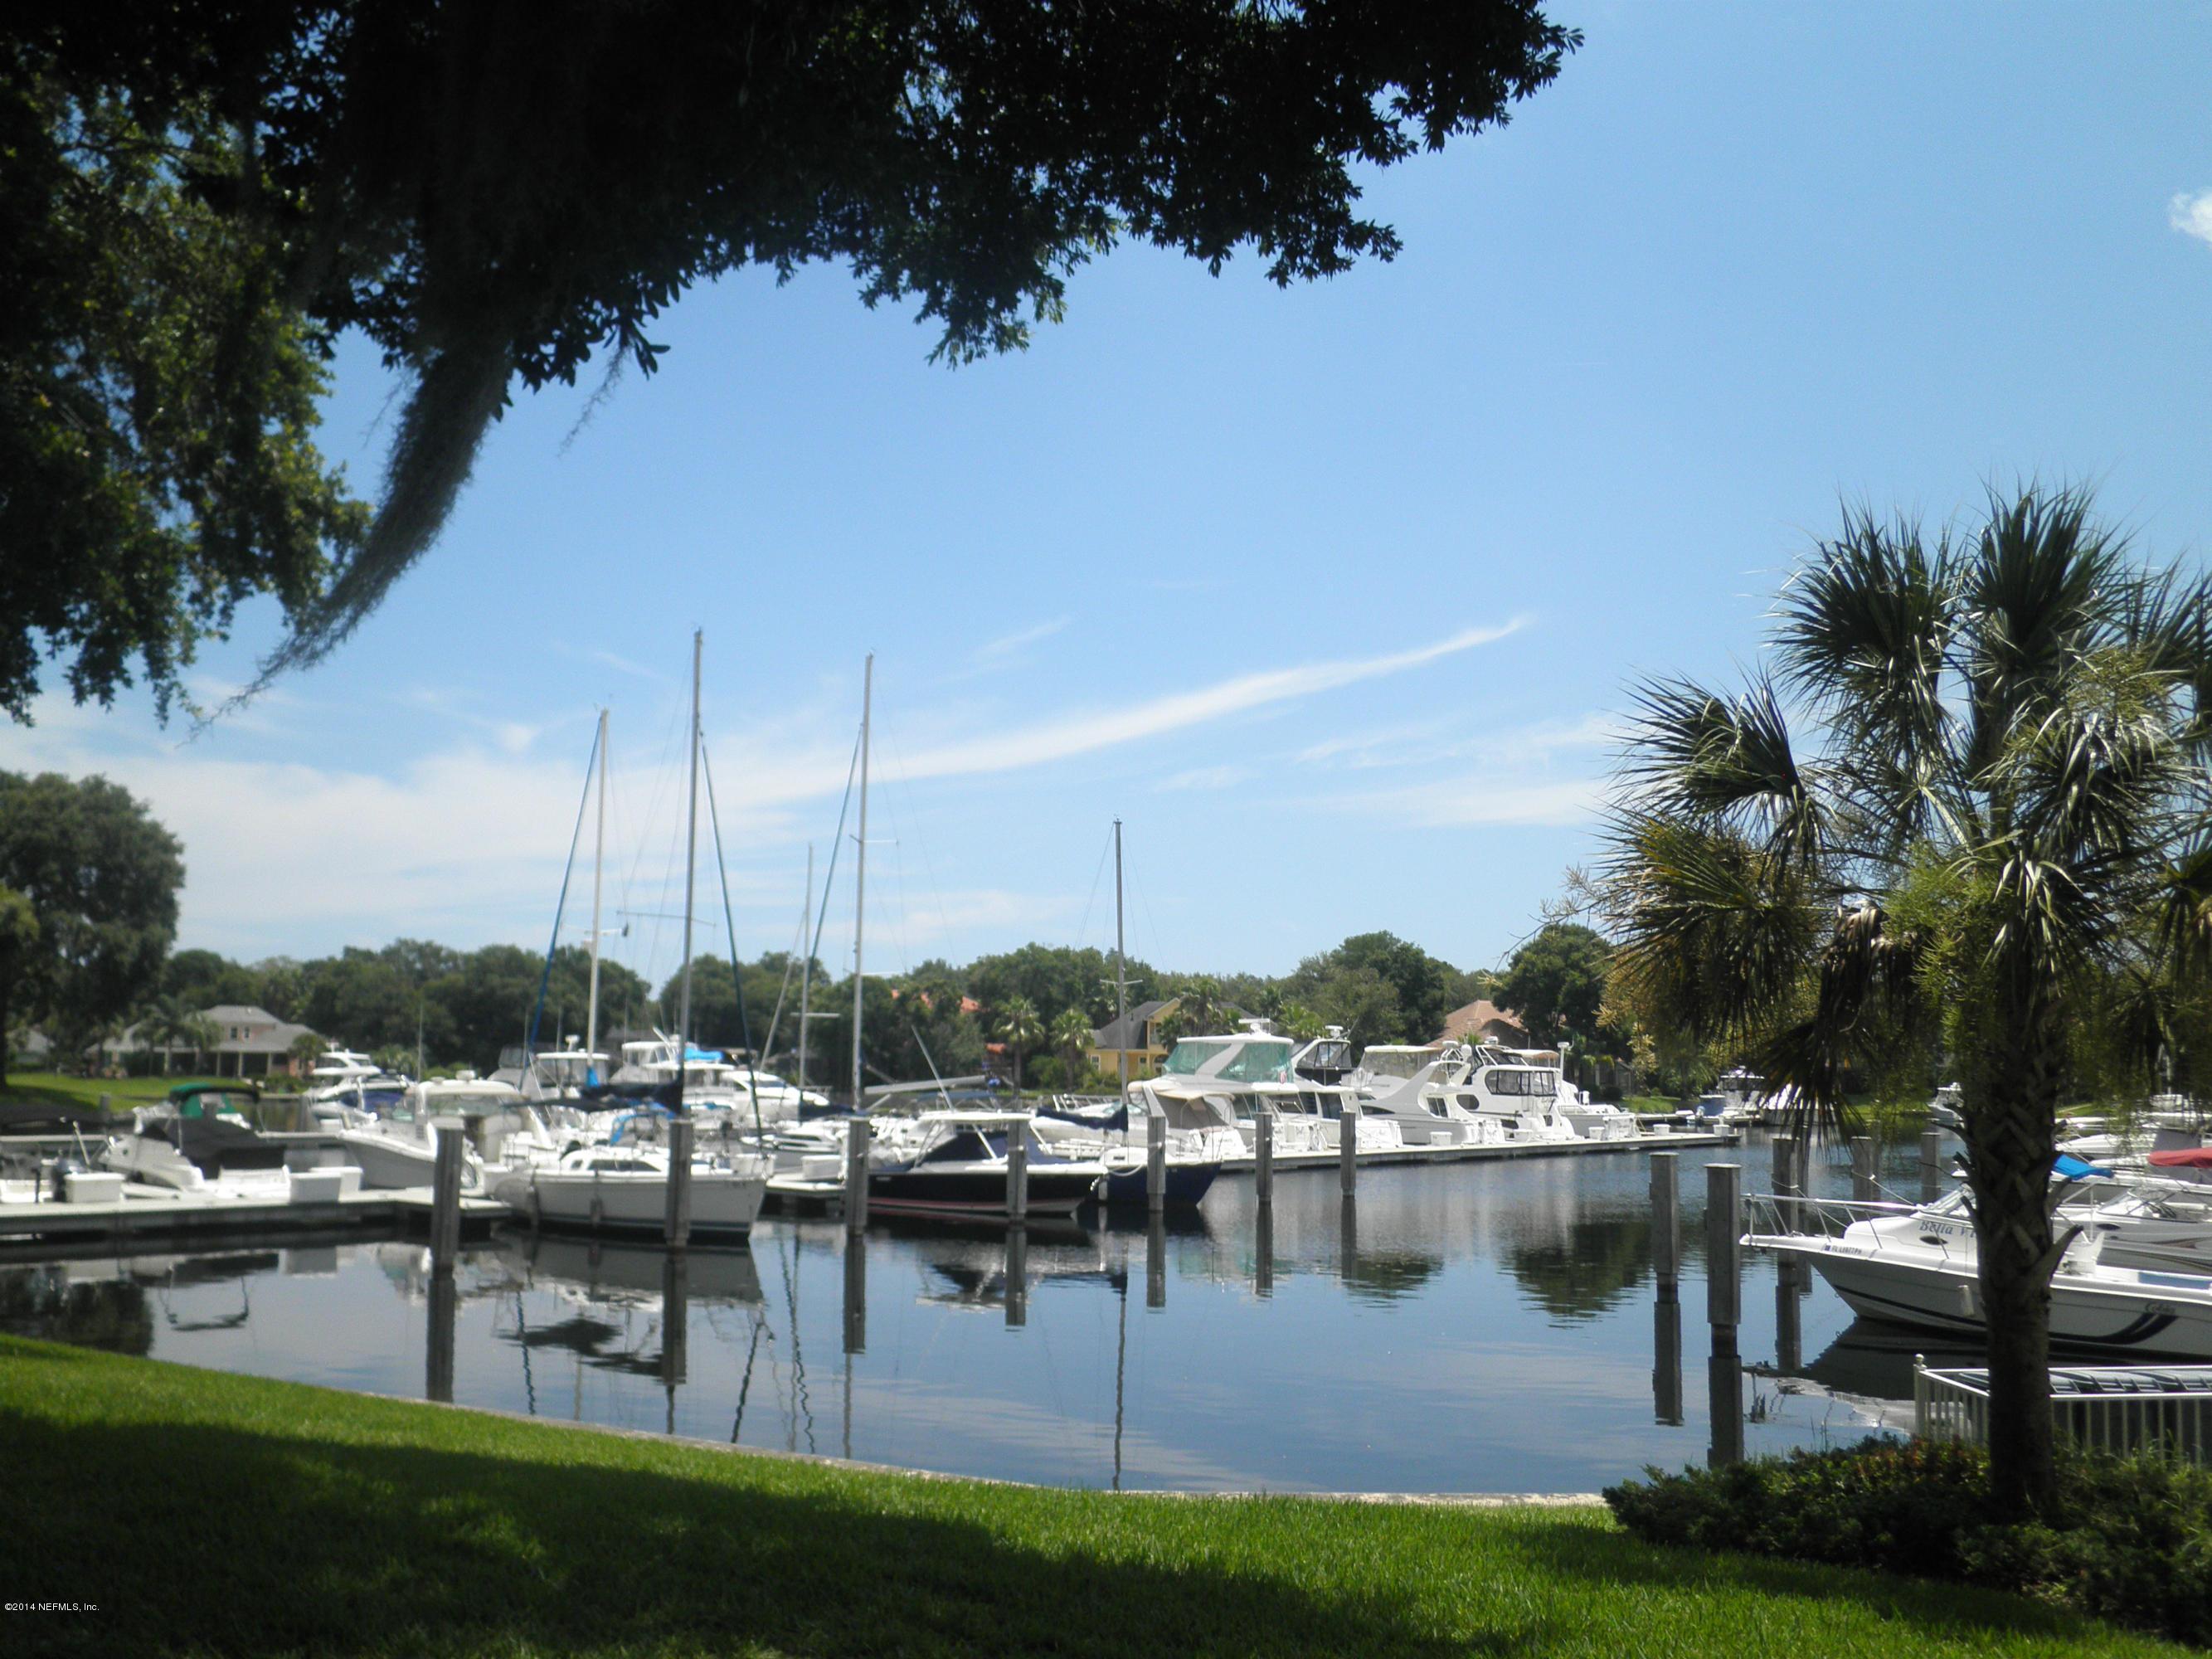 0 FIDDLERS PT., JACKSONVILLE, FLORIDA 32225, ,Vacant land,For sale,FIDDLERS PT.,680695